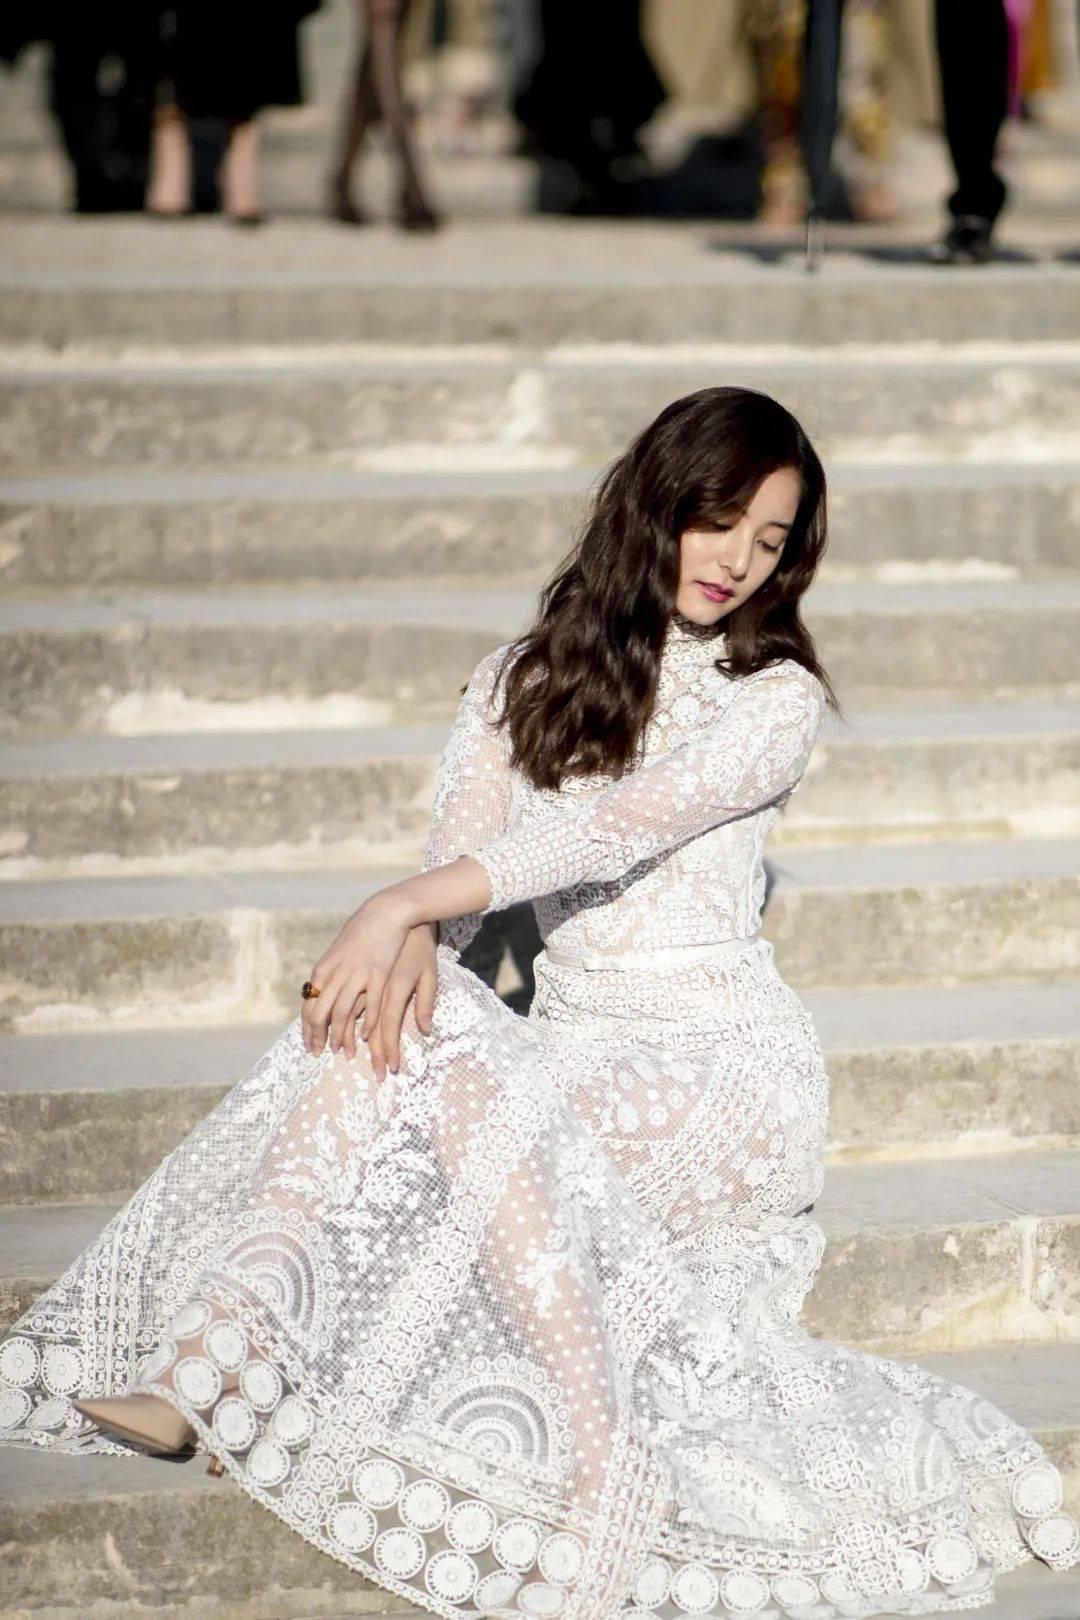 穿司藤的小白裙踏青,赢了!